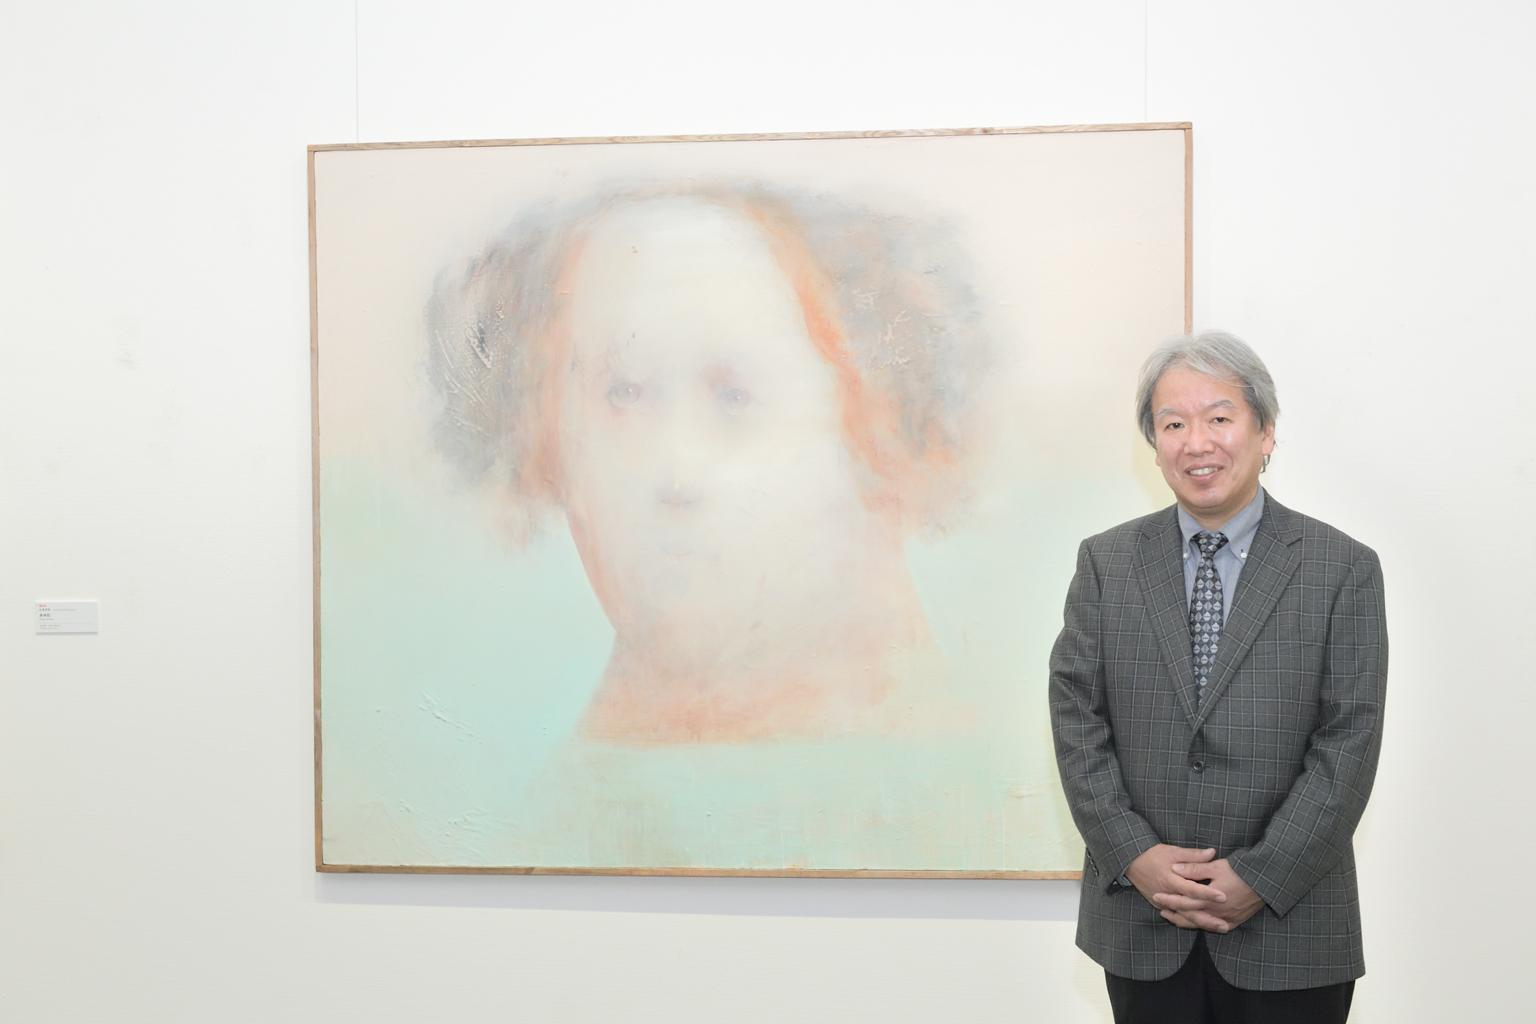 大槻和浩さんと作品《明日を見つめて》